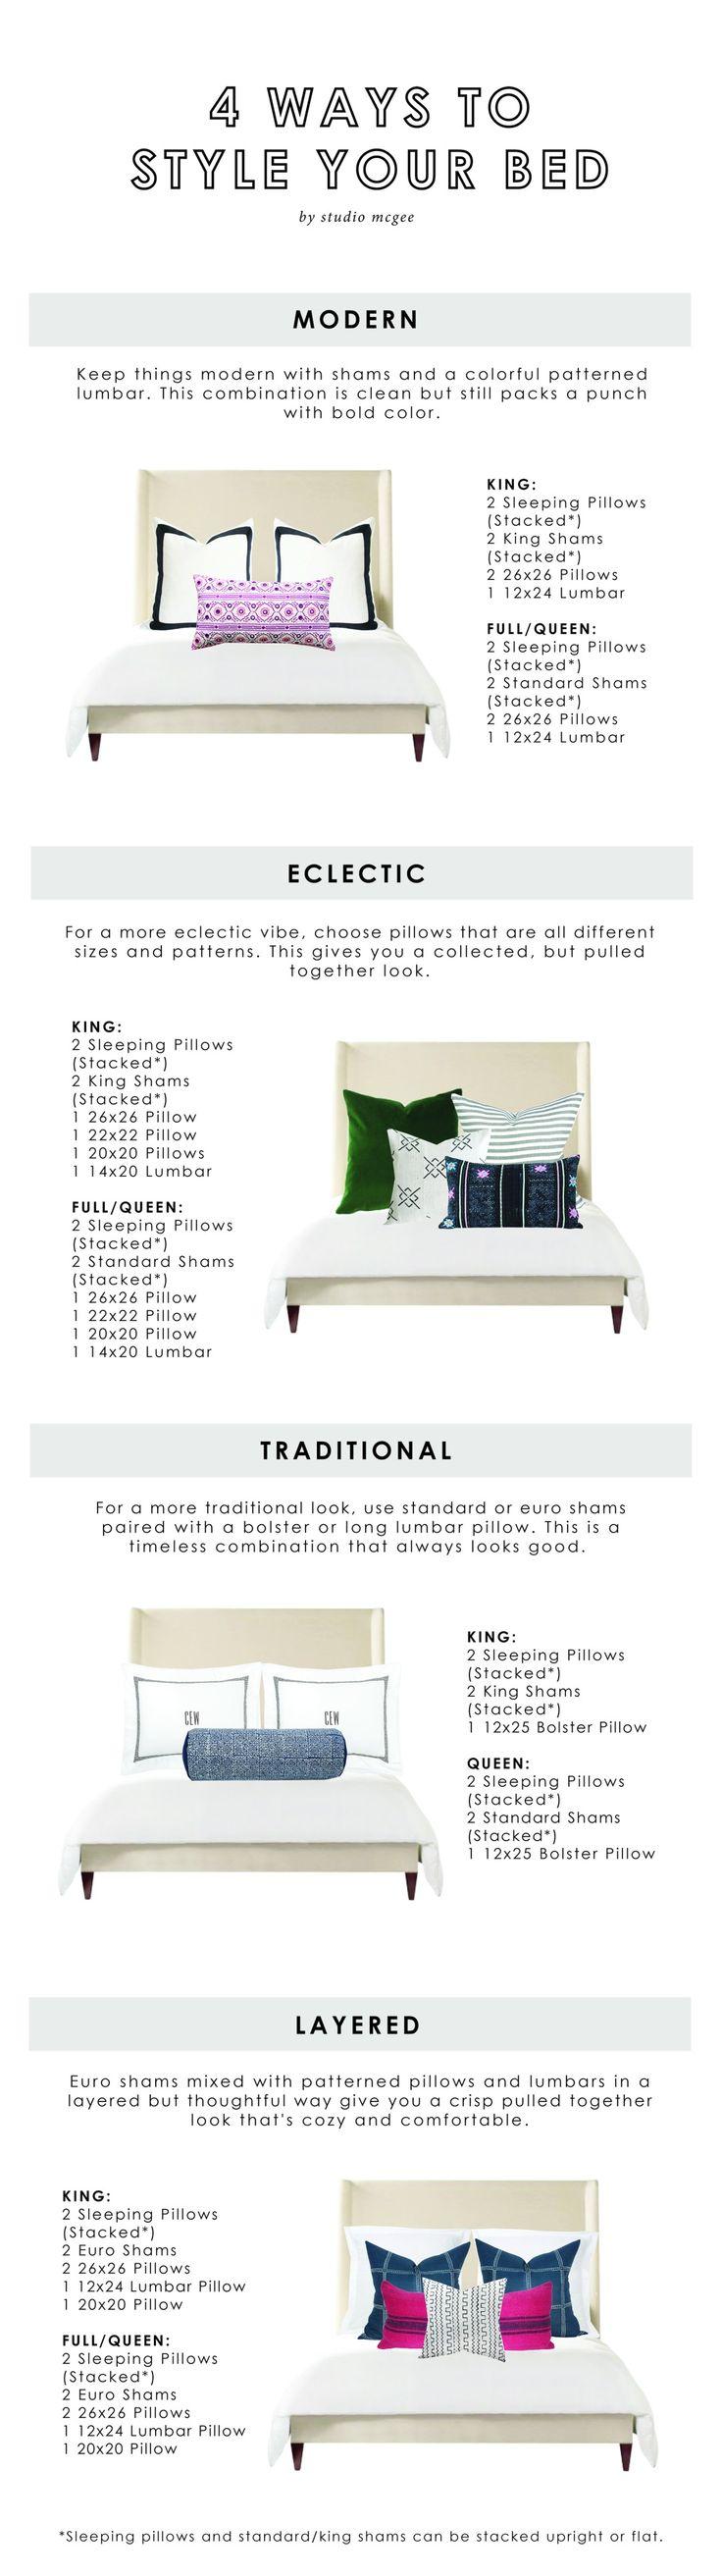 Shop Solid White with Grosgrain Ribbon Border, John Robshaw Vata Pillow, Velvet…